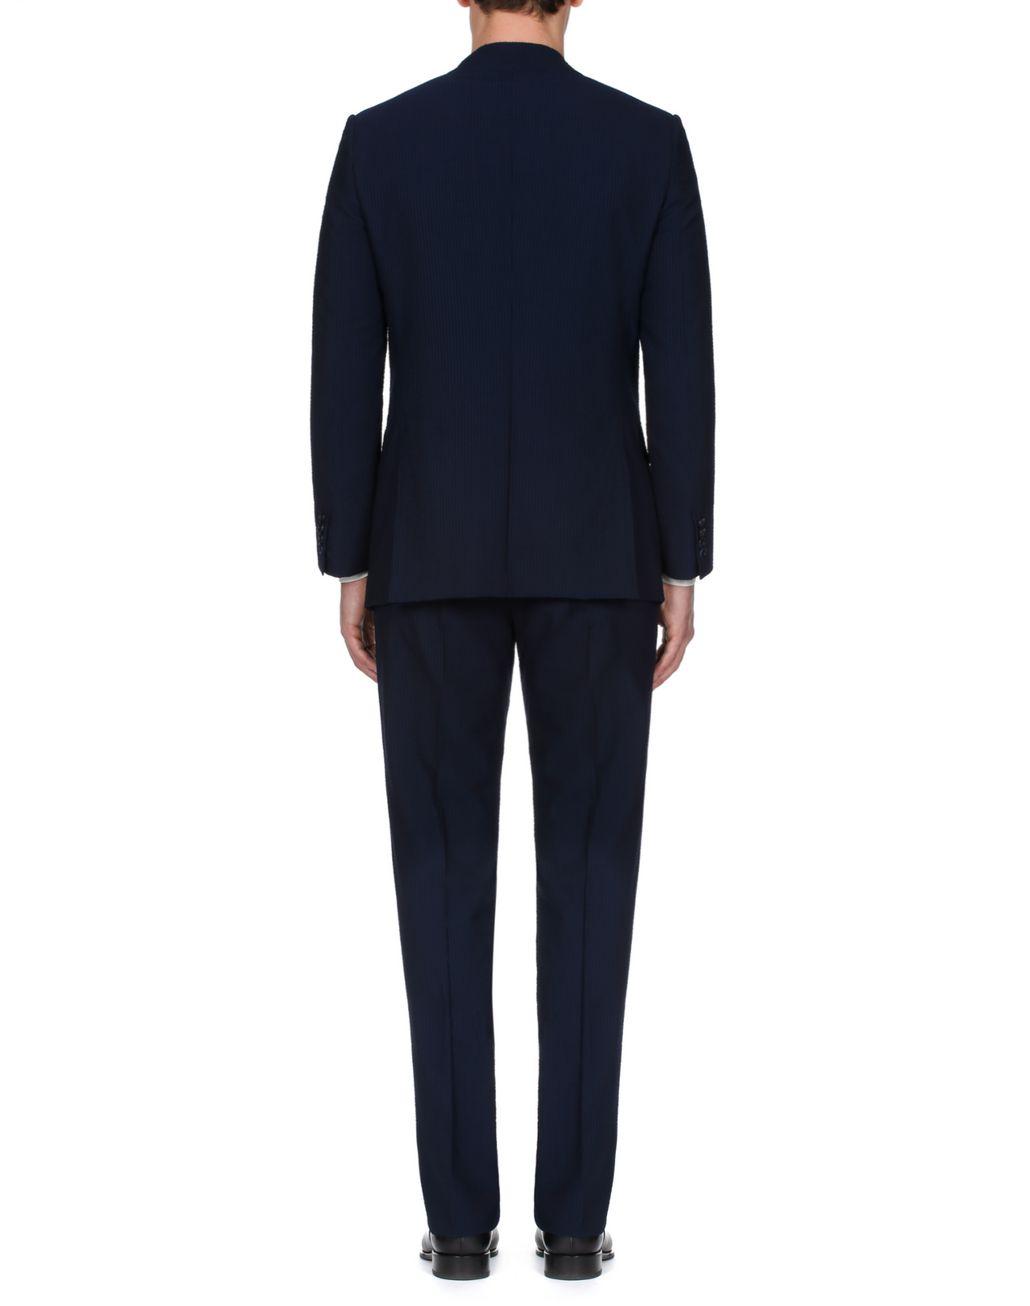 BRIONI Navy Blue Seer Sucker Celio Suit Suits & Jackets Man d